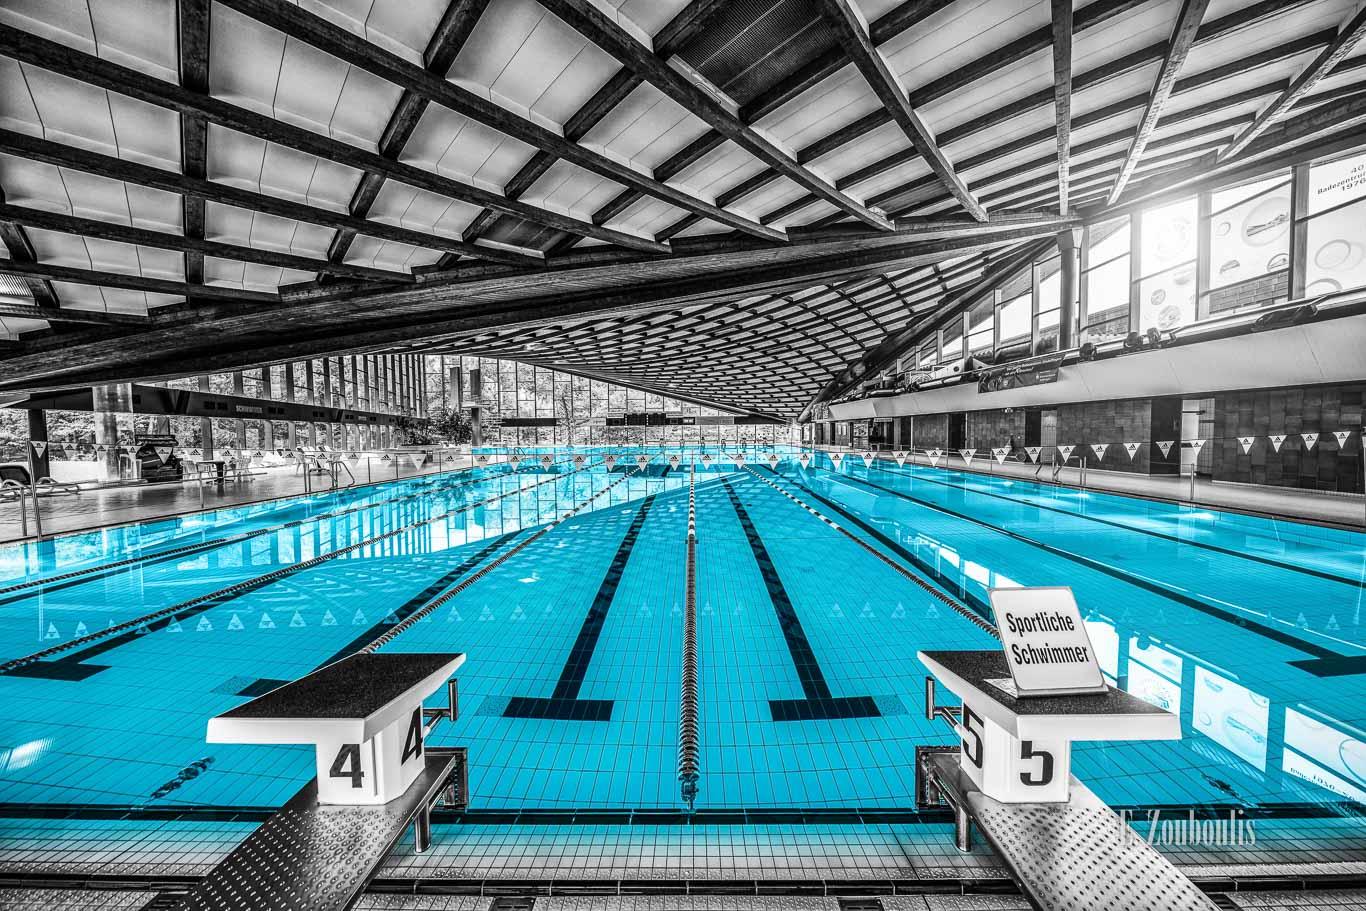 Architekturfotografie - Schwarzweiß Aufnahme im Inneren des Badezentrum Sindelfingen. Das Wasser in den Becken ist in blau zu sehen. Frontal-Ansicht auf das 50m Becken. Im Hintergrund ist der Sprungturm zu sehen